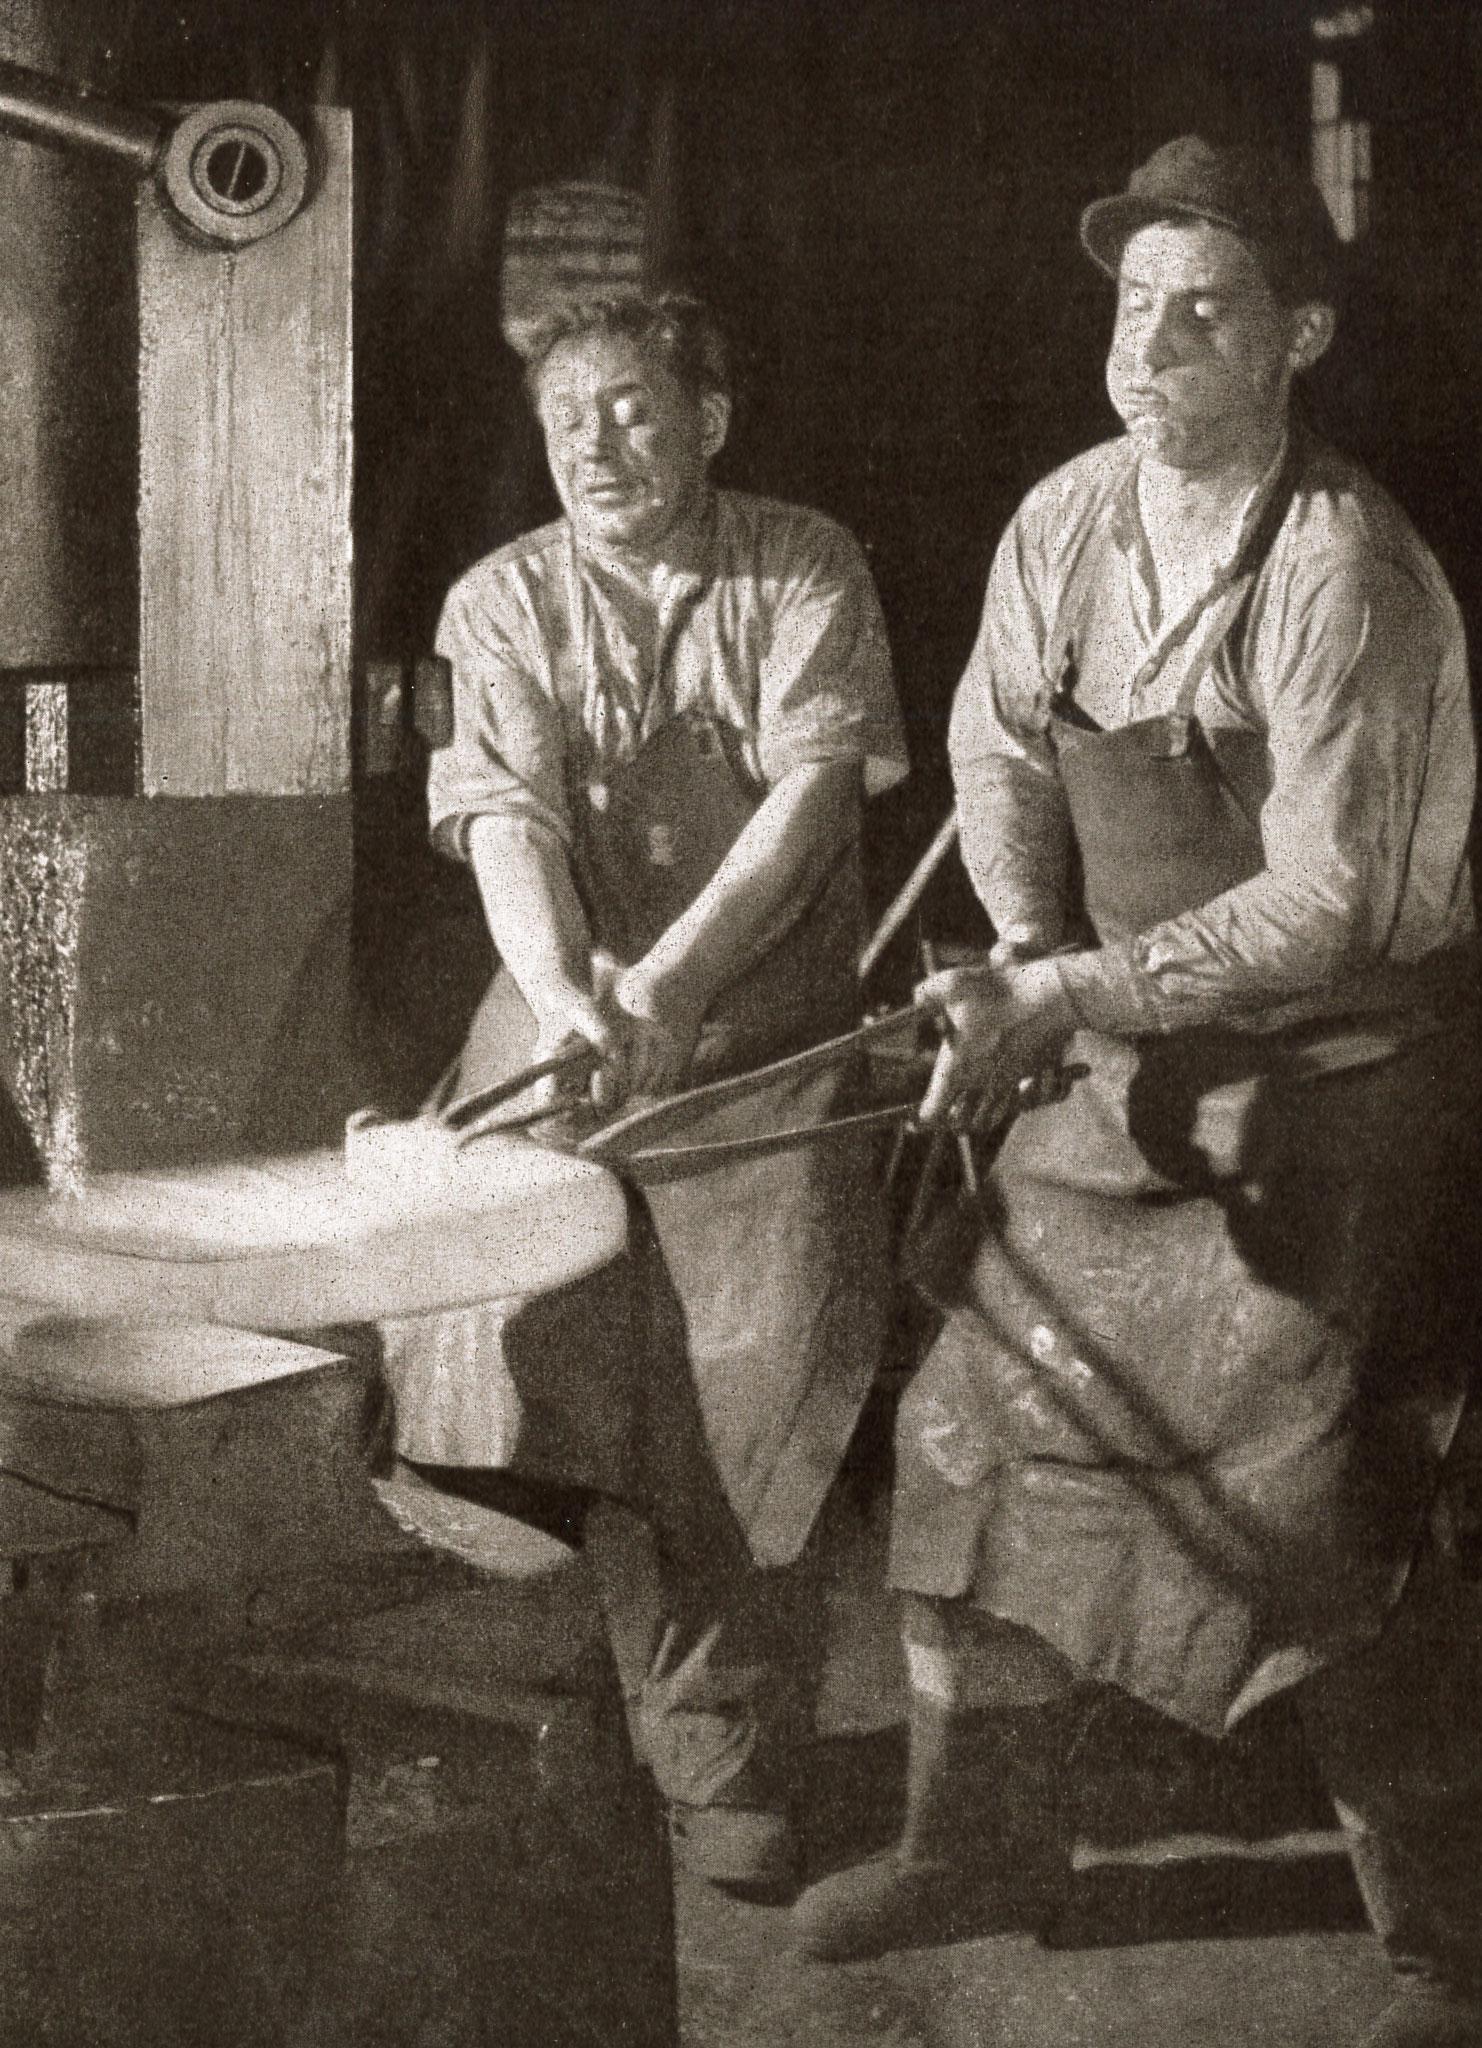 """Der Dampfhammer (Quelle: """"50 Jahre RAW, 50 Jahre Arbeiterbewegung"""", Zwickau, 1958 / Fotograf Rogisch-Tunger)"""